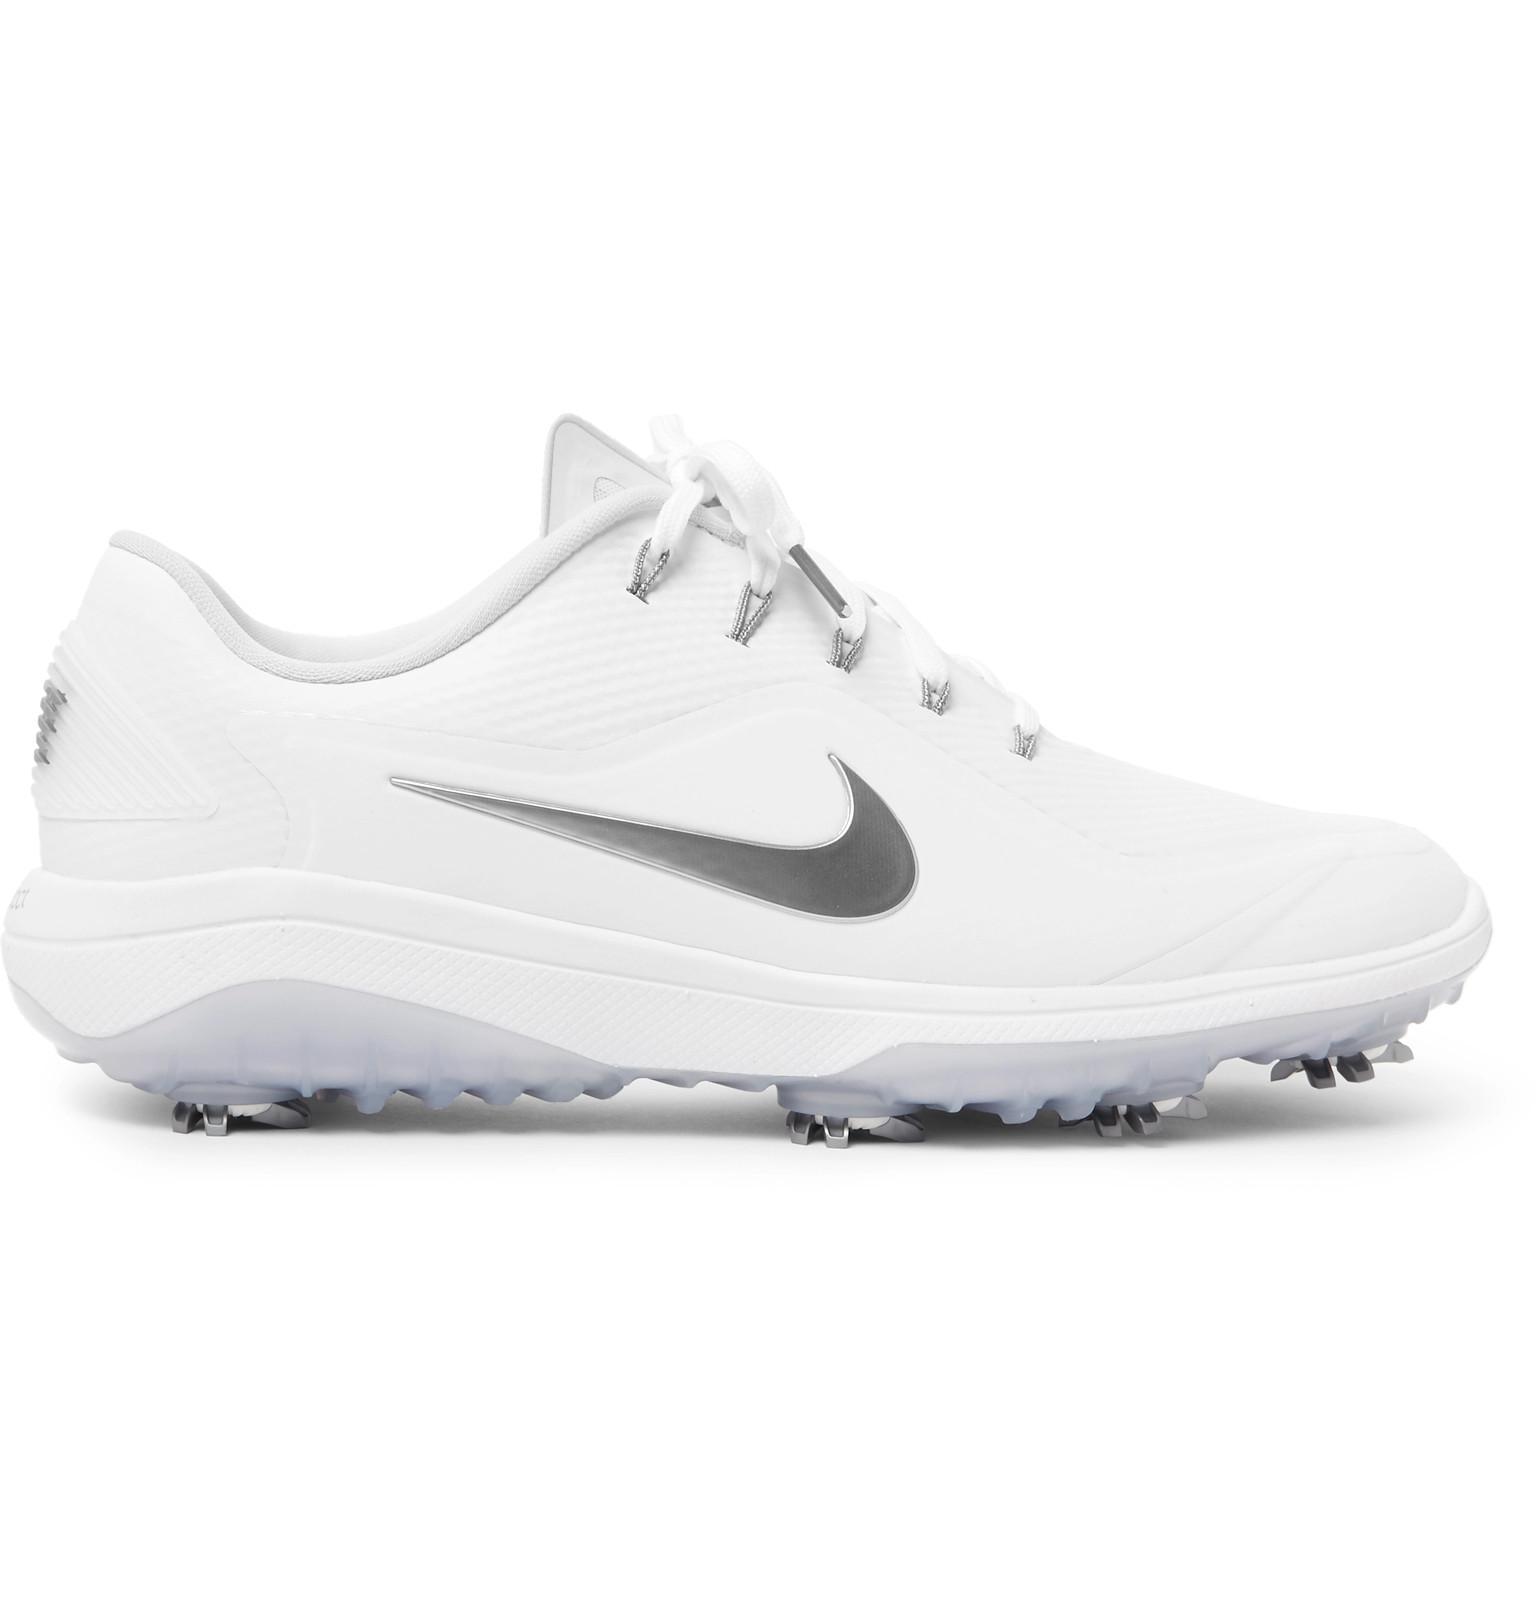 206d749fcb1b6 Nike React Vapor 2 Coated-mesh Golf Shoes in White for Men - Lyst